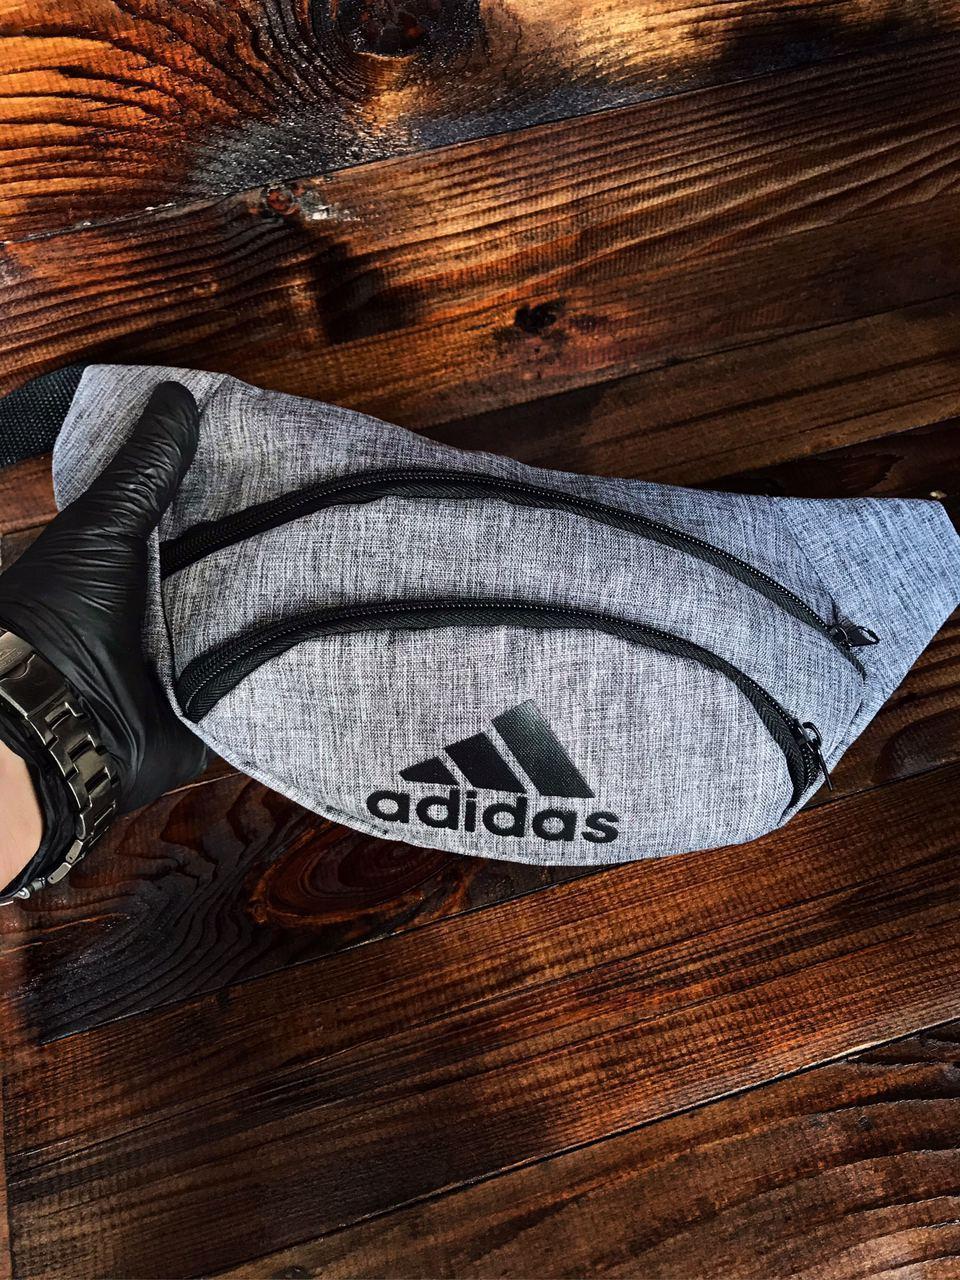 Поясная сумка Серая Бананка Adidas Логотип черный Мужская Женская